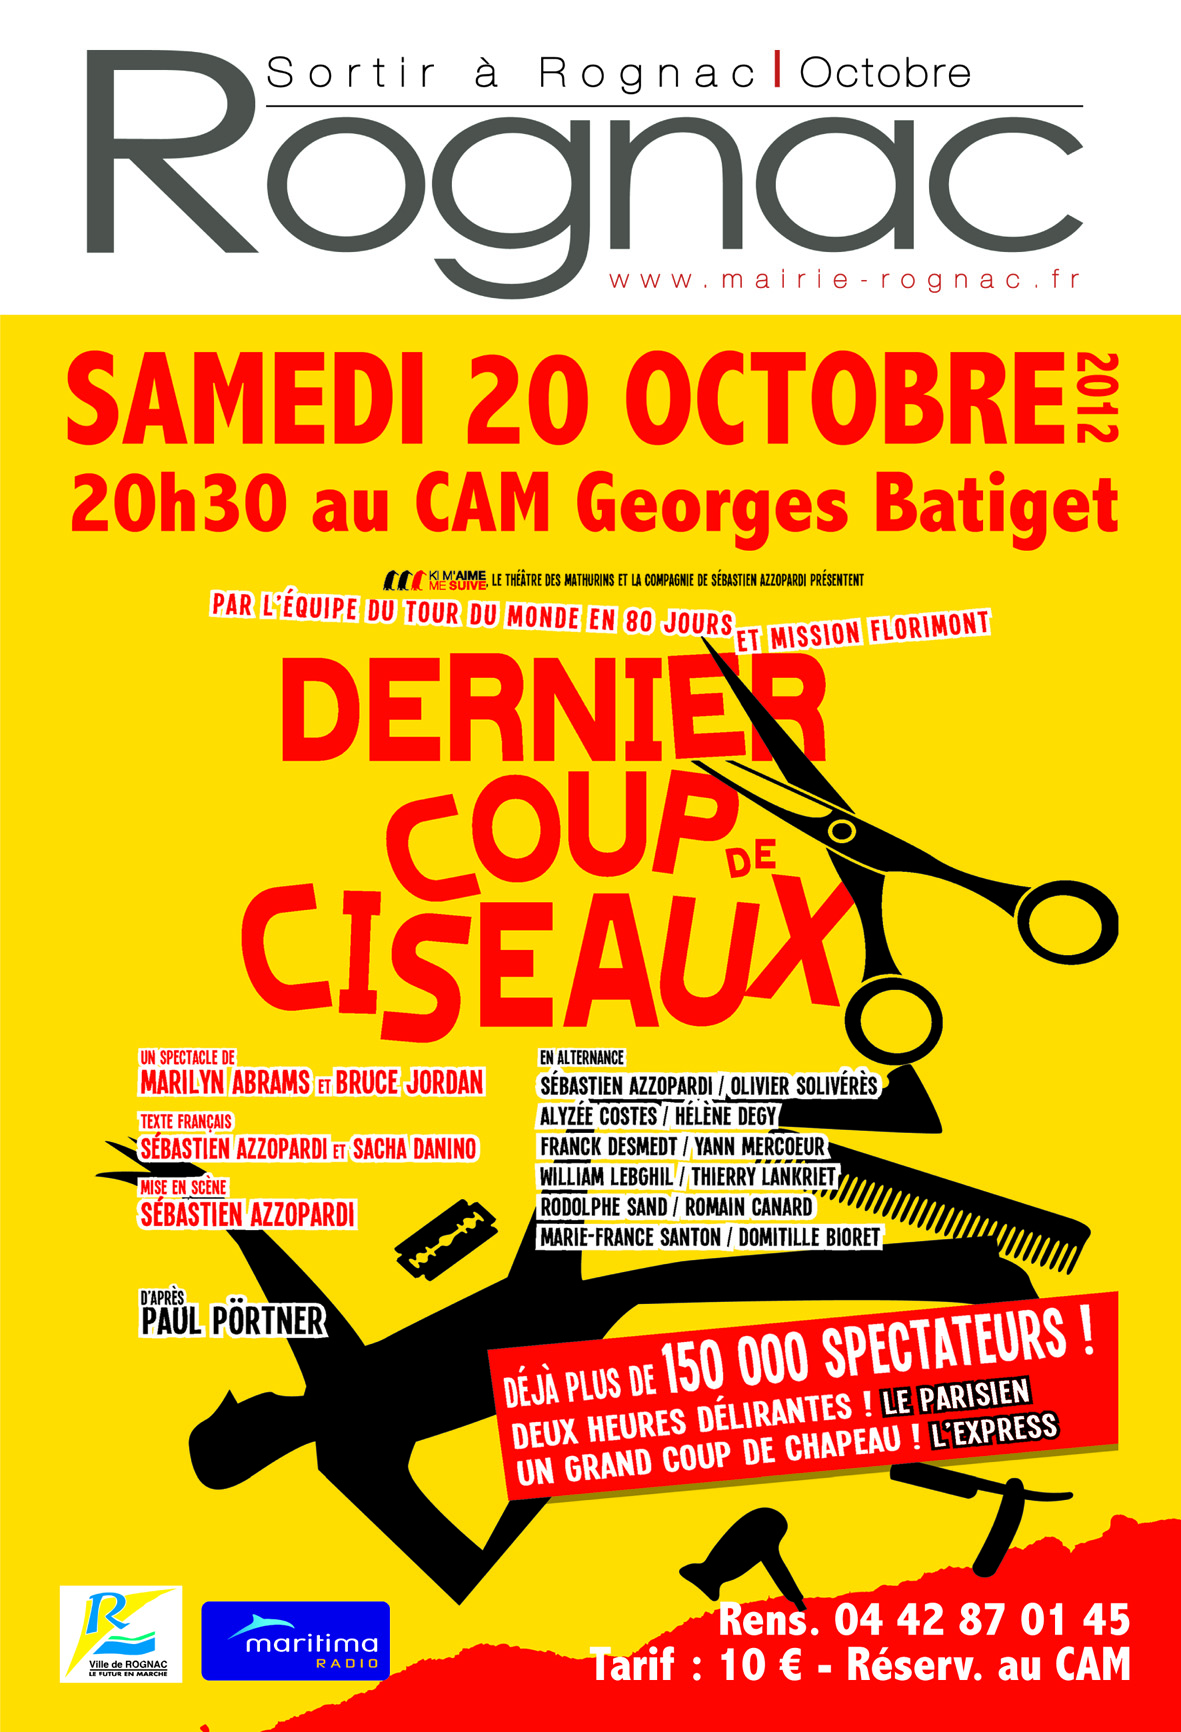 Dernier coup de ciseaux 20 10 2012 rognac frequence - Piece de theatre dernier coup de ciseaux ...